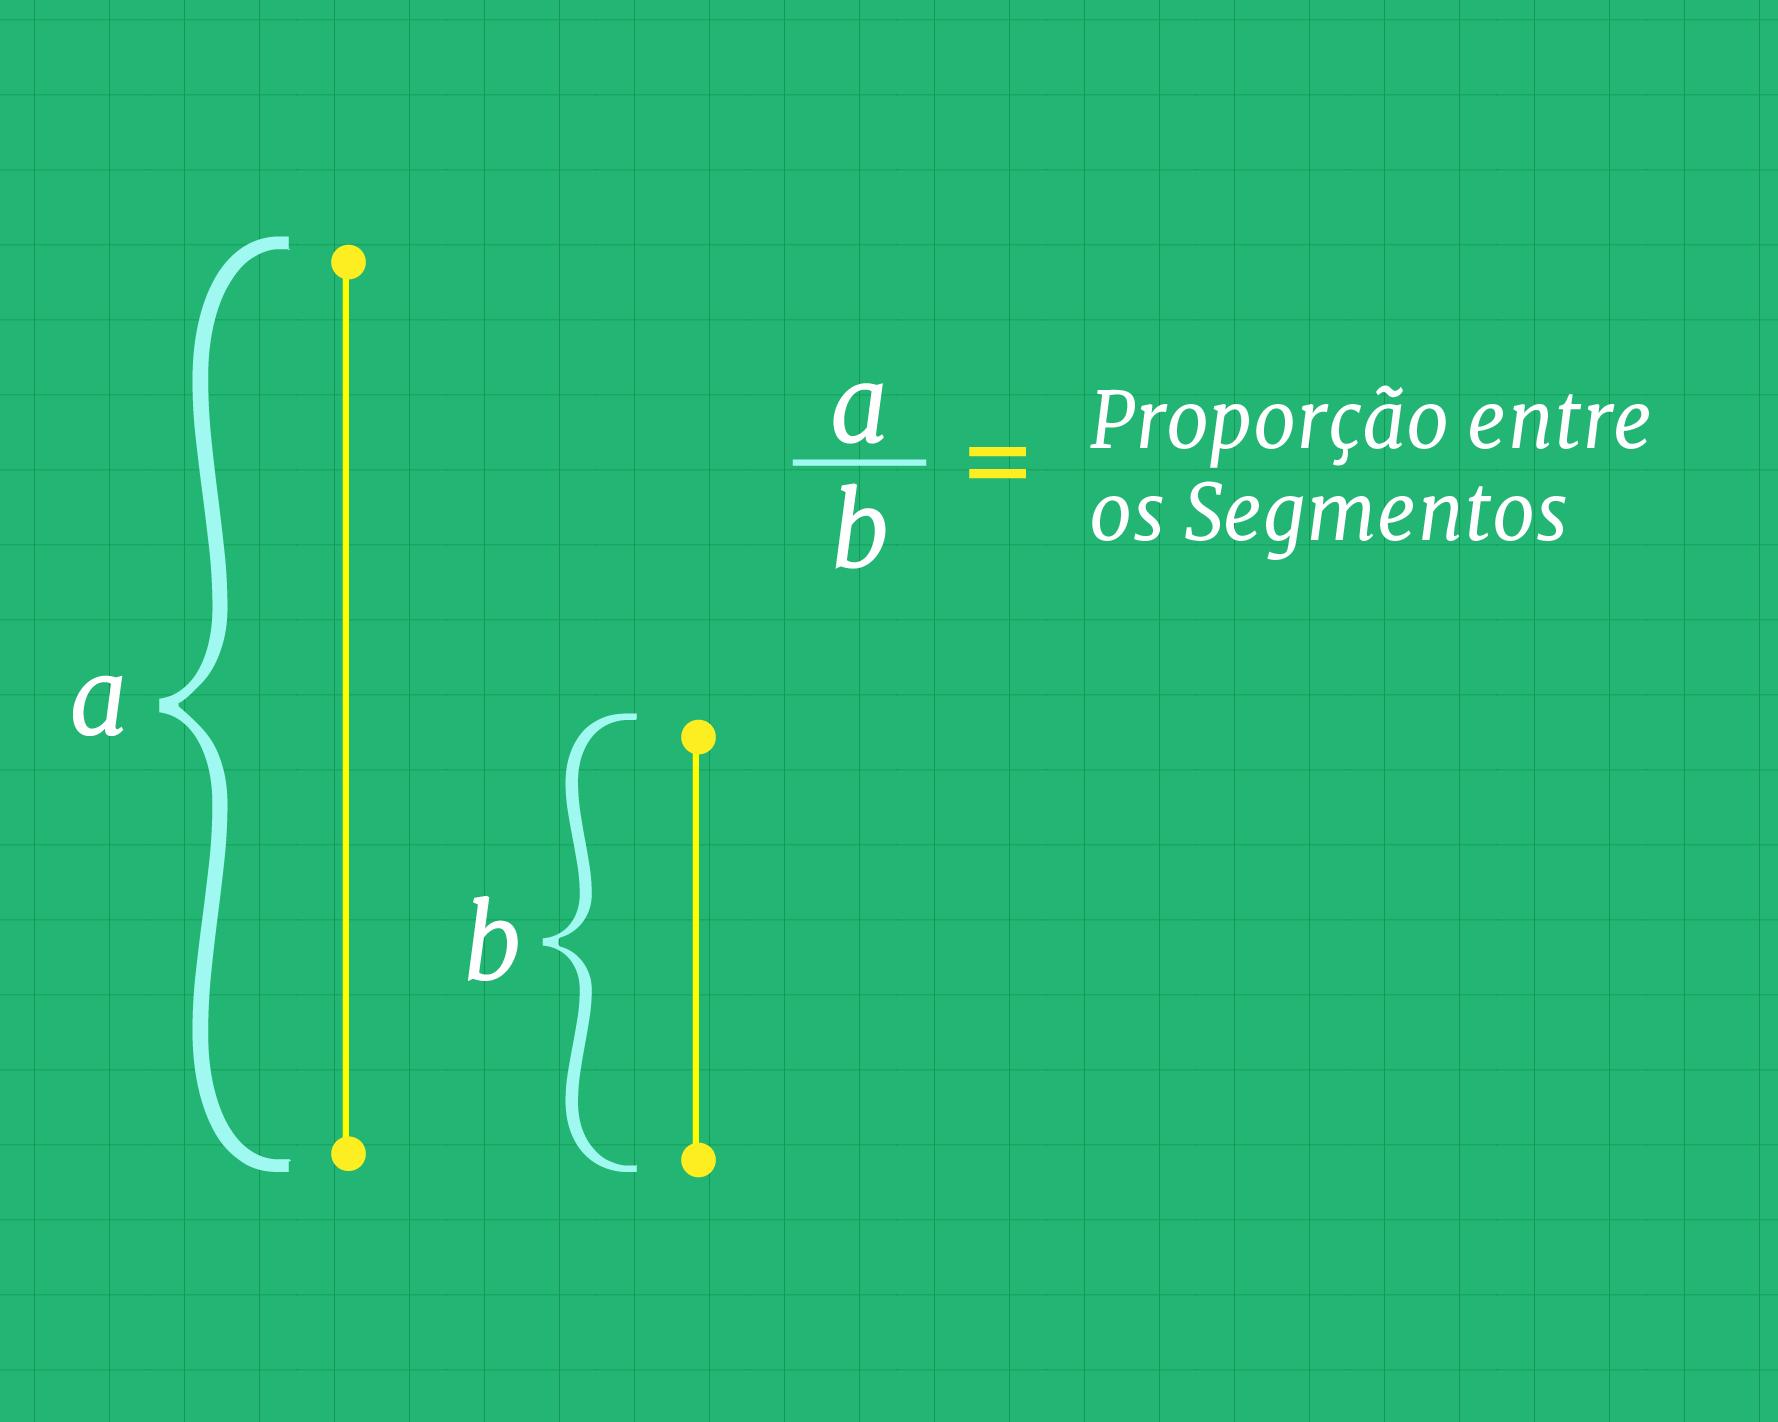 Proporção entre os segmentos a e b